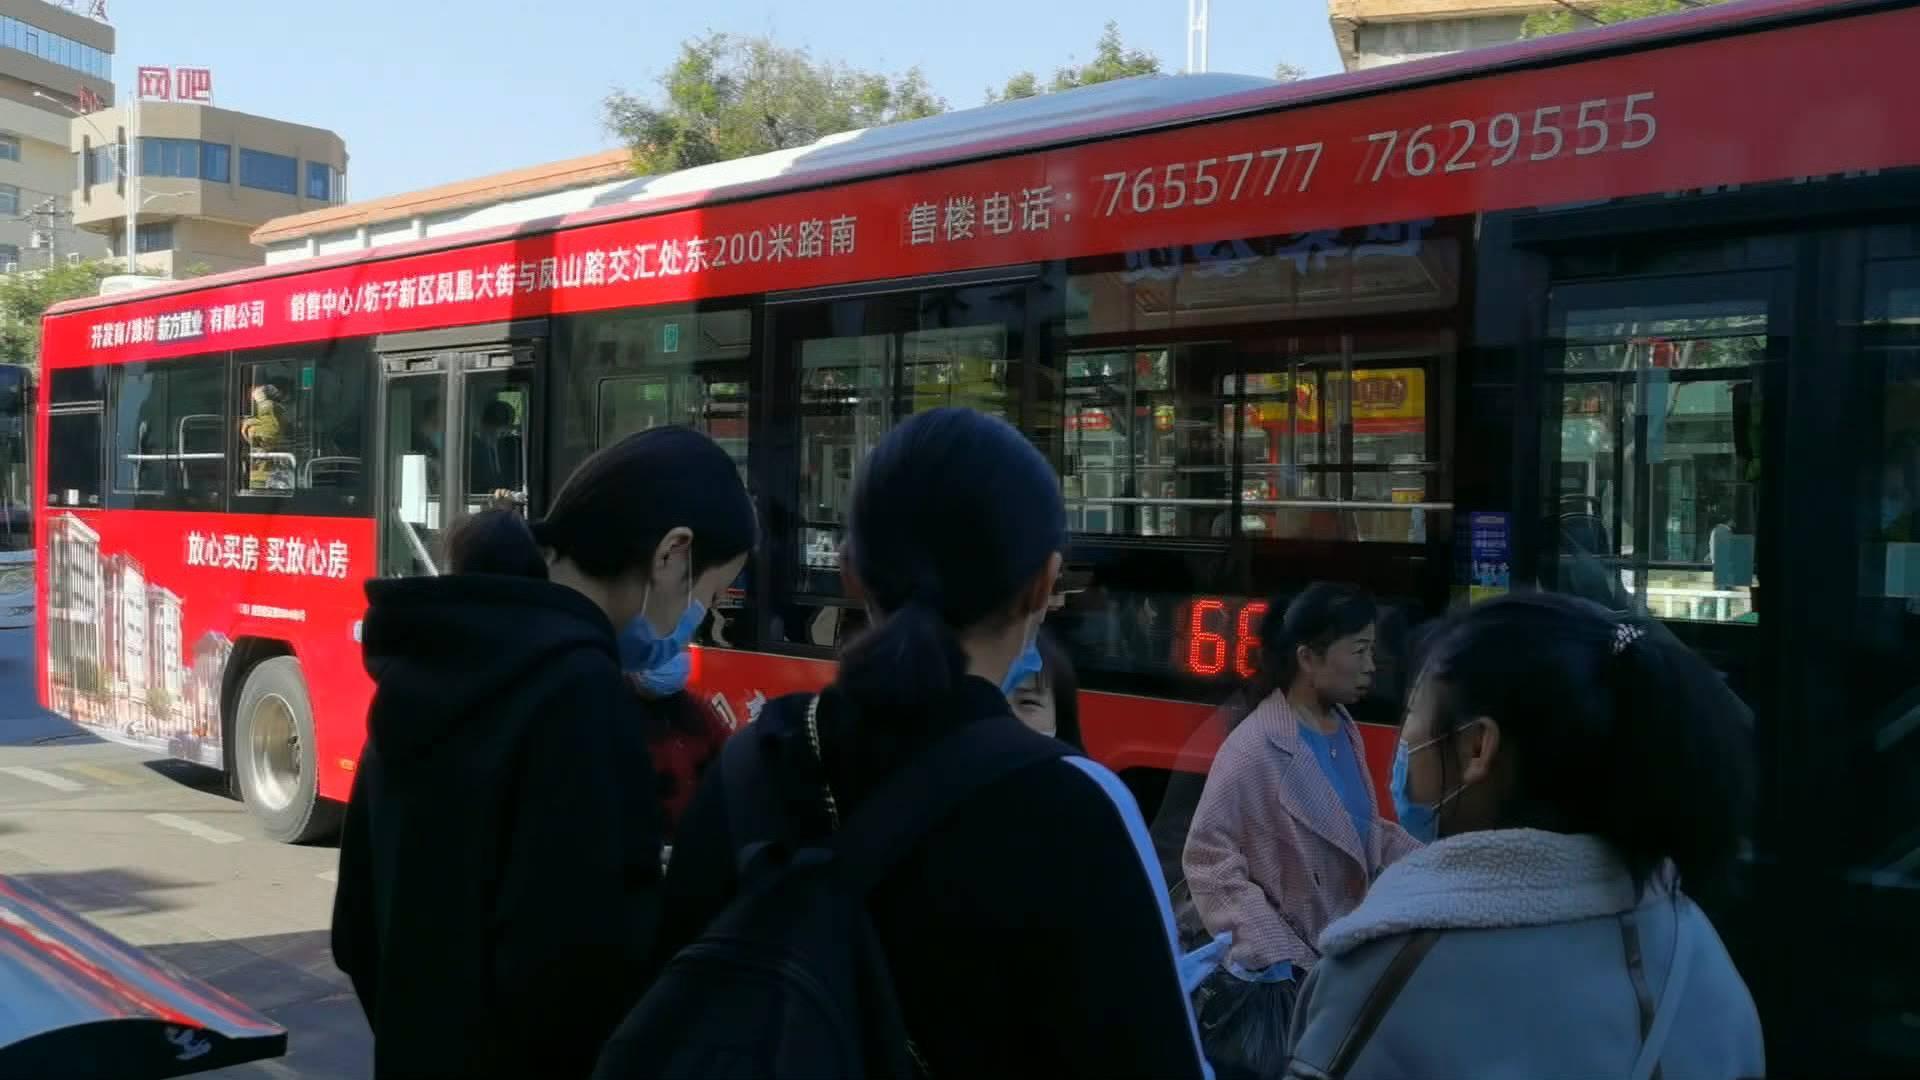 问政山东|潍坊公交电子支付分段计费迟迟未实现 市长:新设备安好前公交全部一元